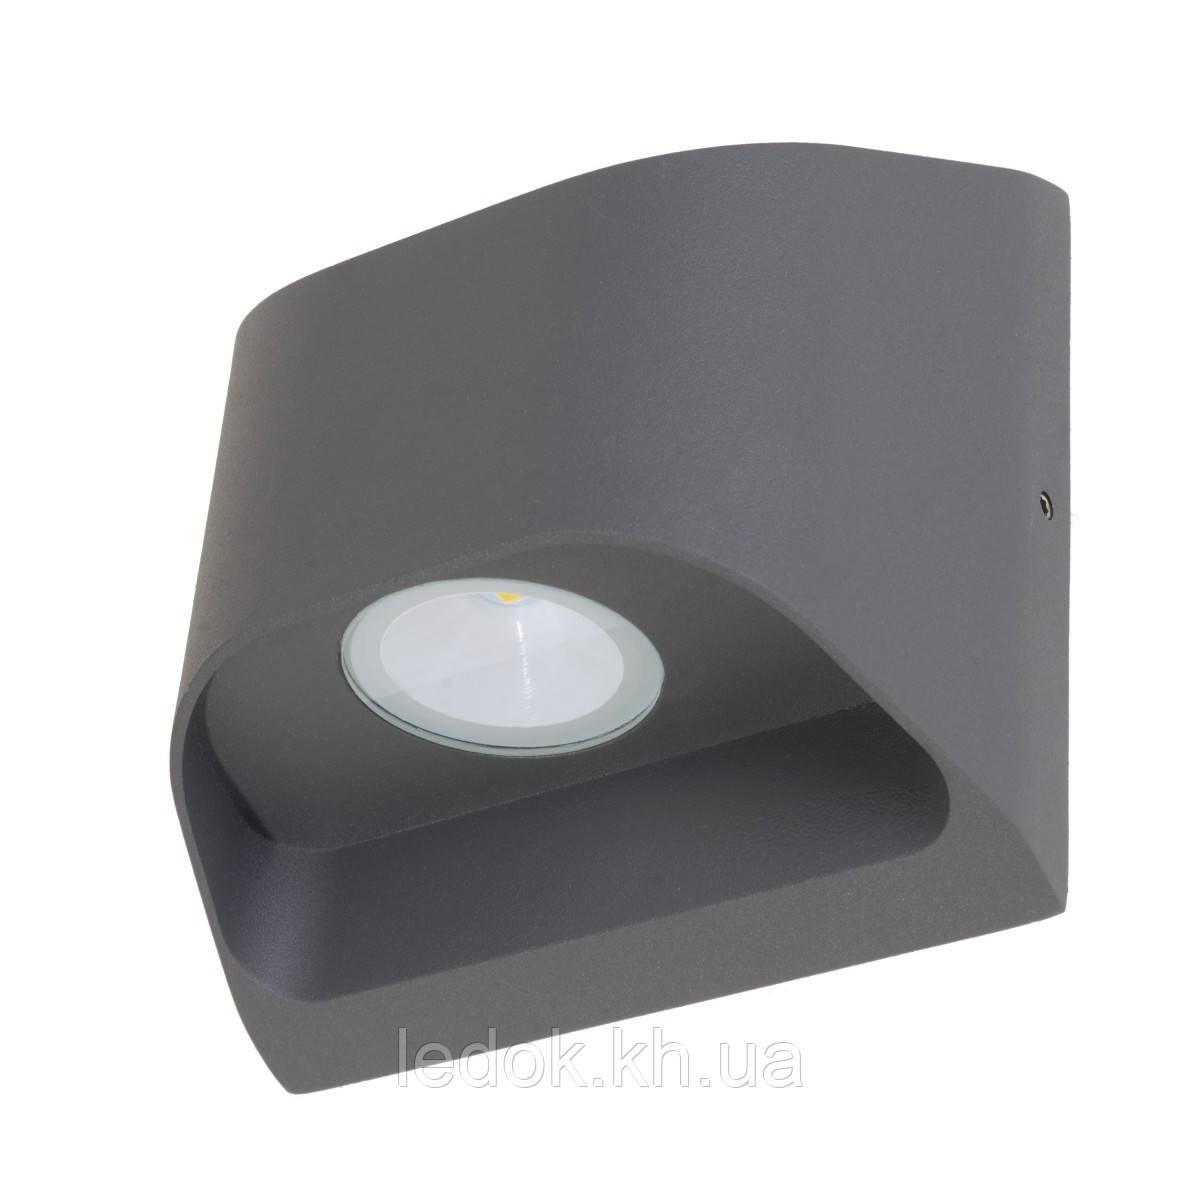 Подсветка LED фасадная IP54 AL-283/6W NW